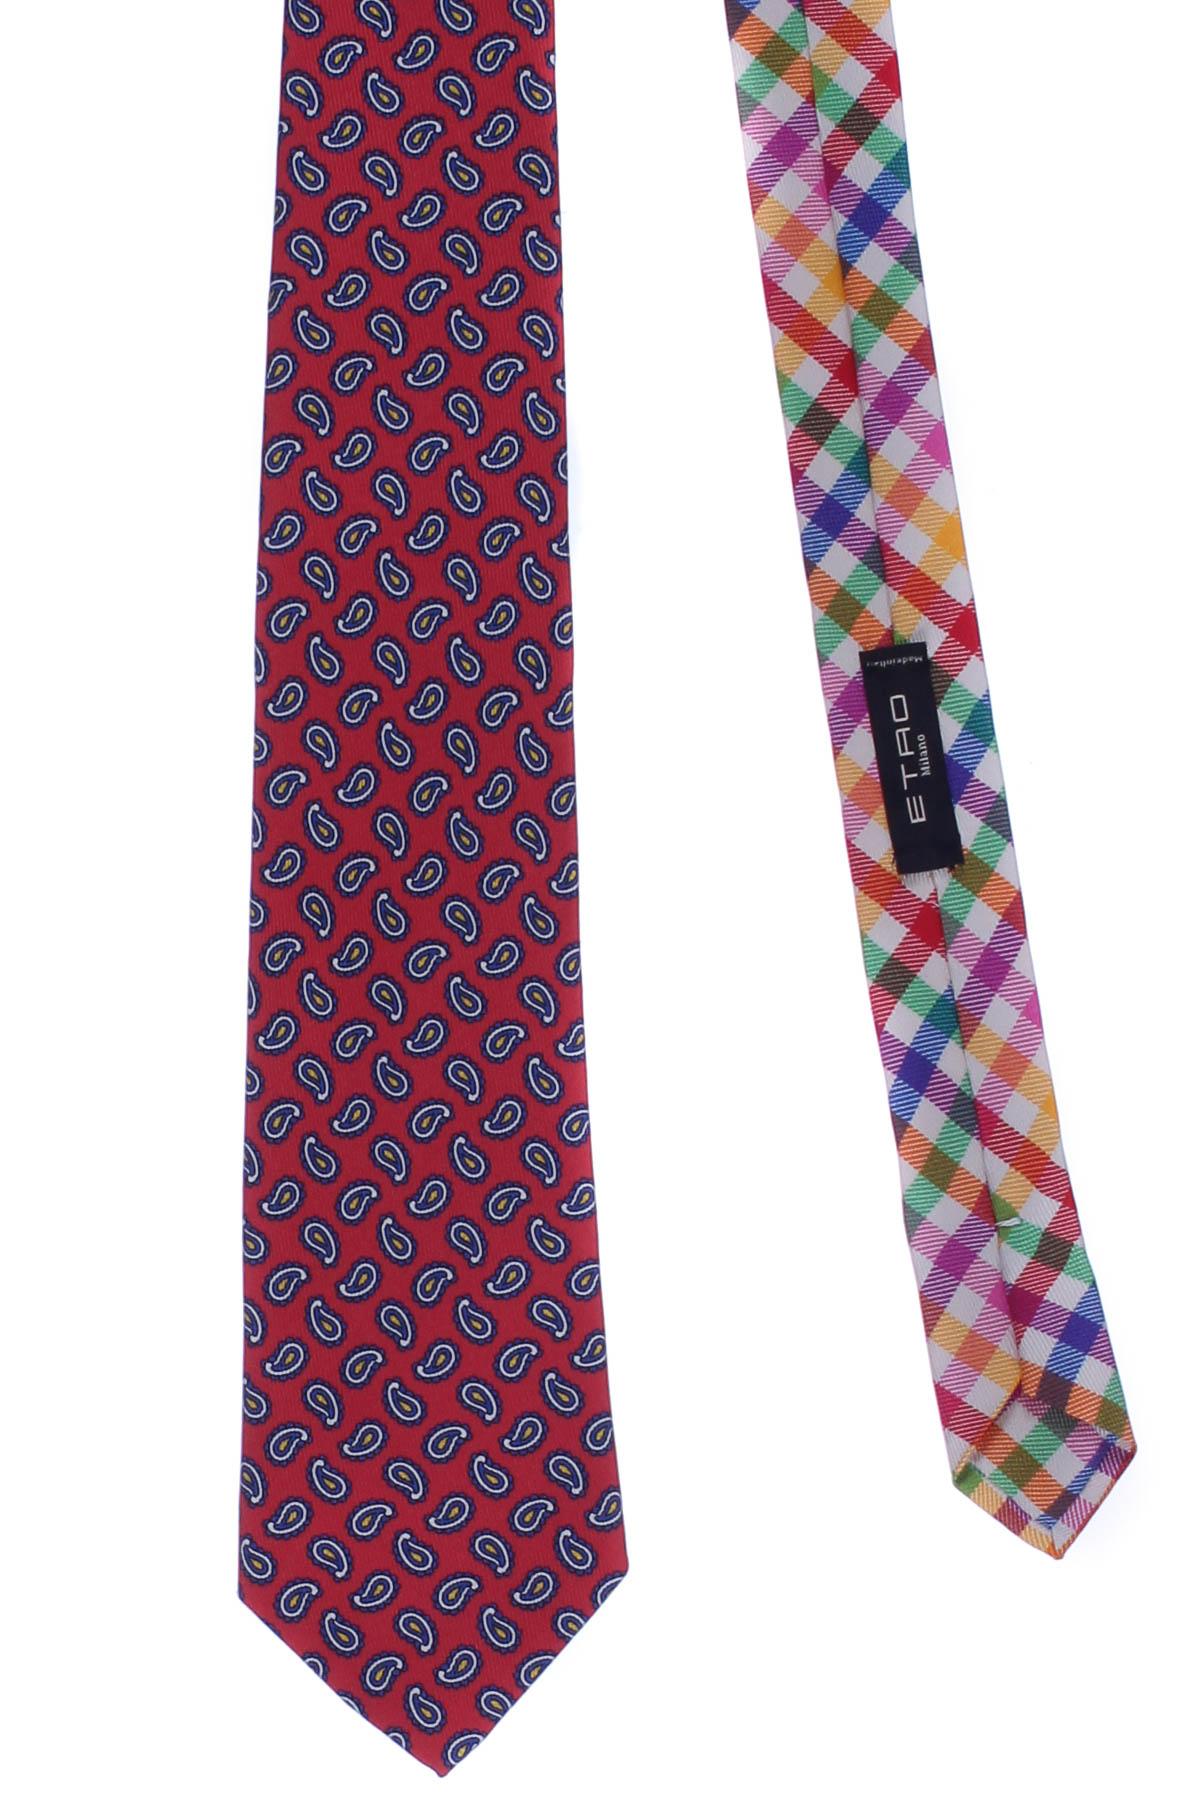 premium selection 51293 8ce79 Cravatta 2 tessuti in seta stampata